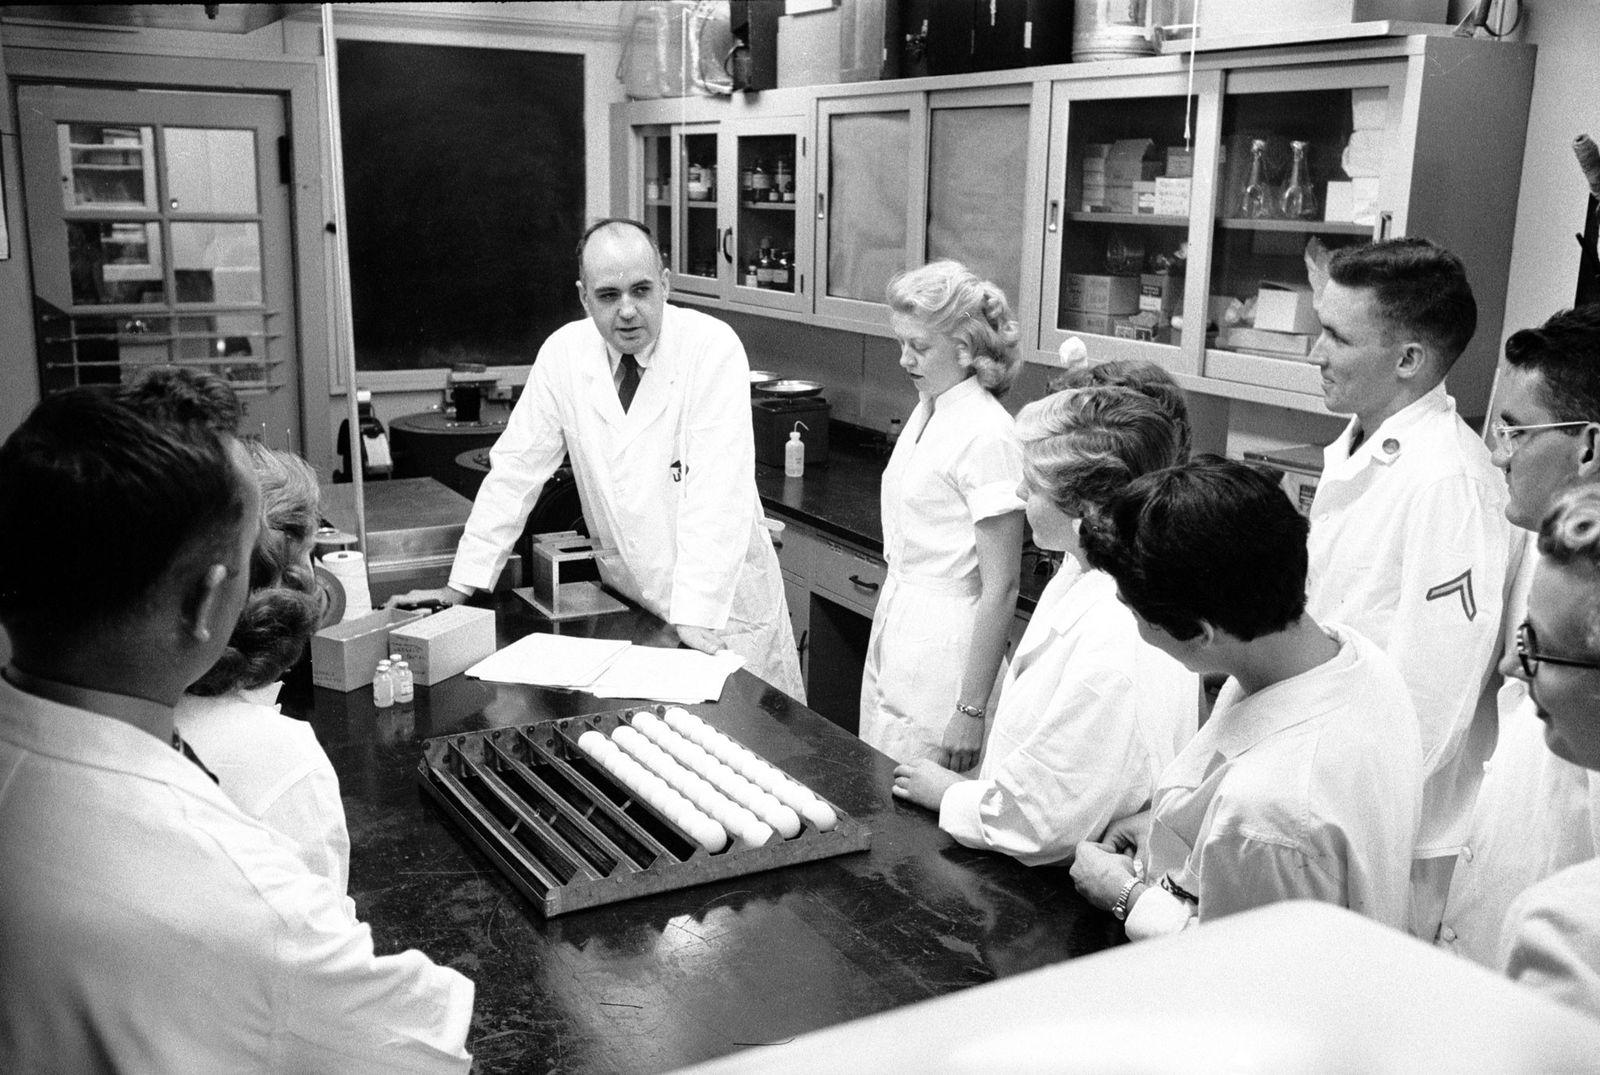 1957 : comment un virologue a empêché la propagation d'une pandémie